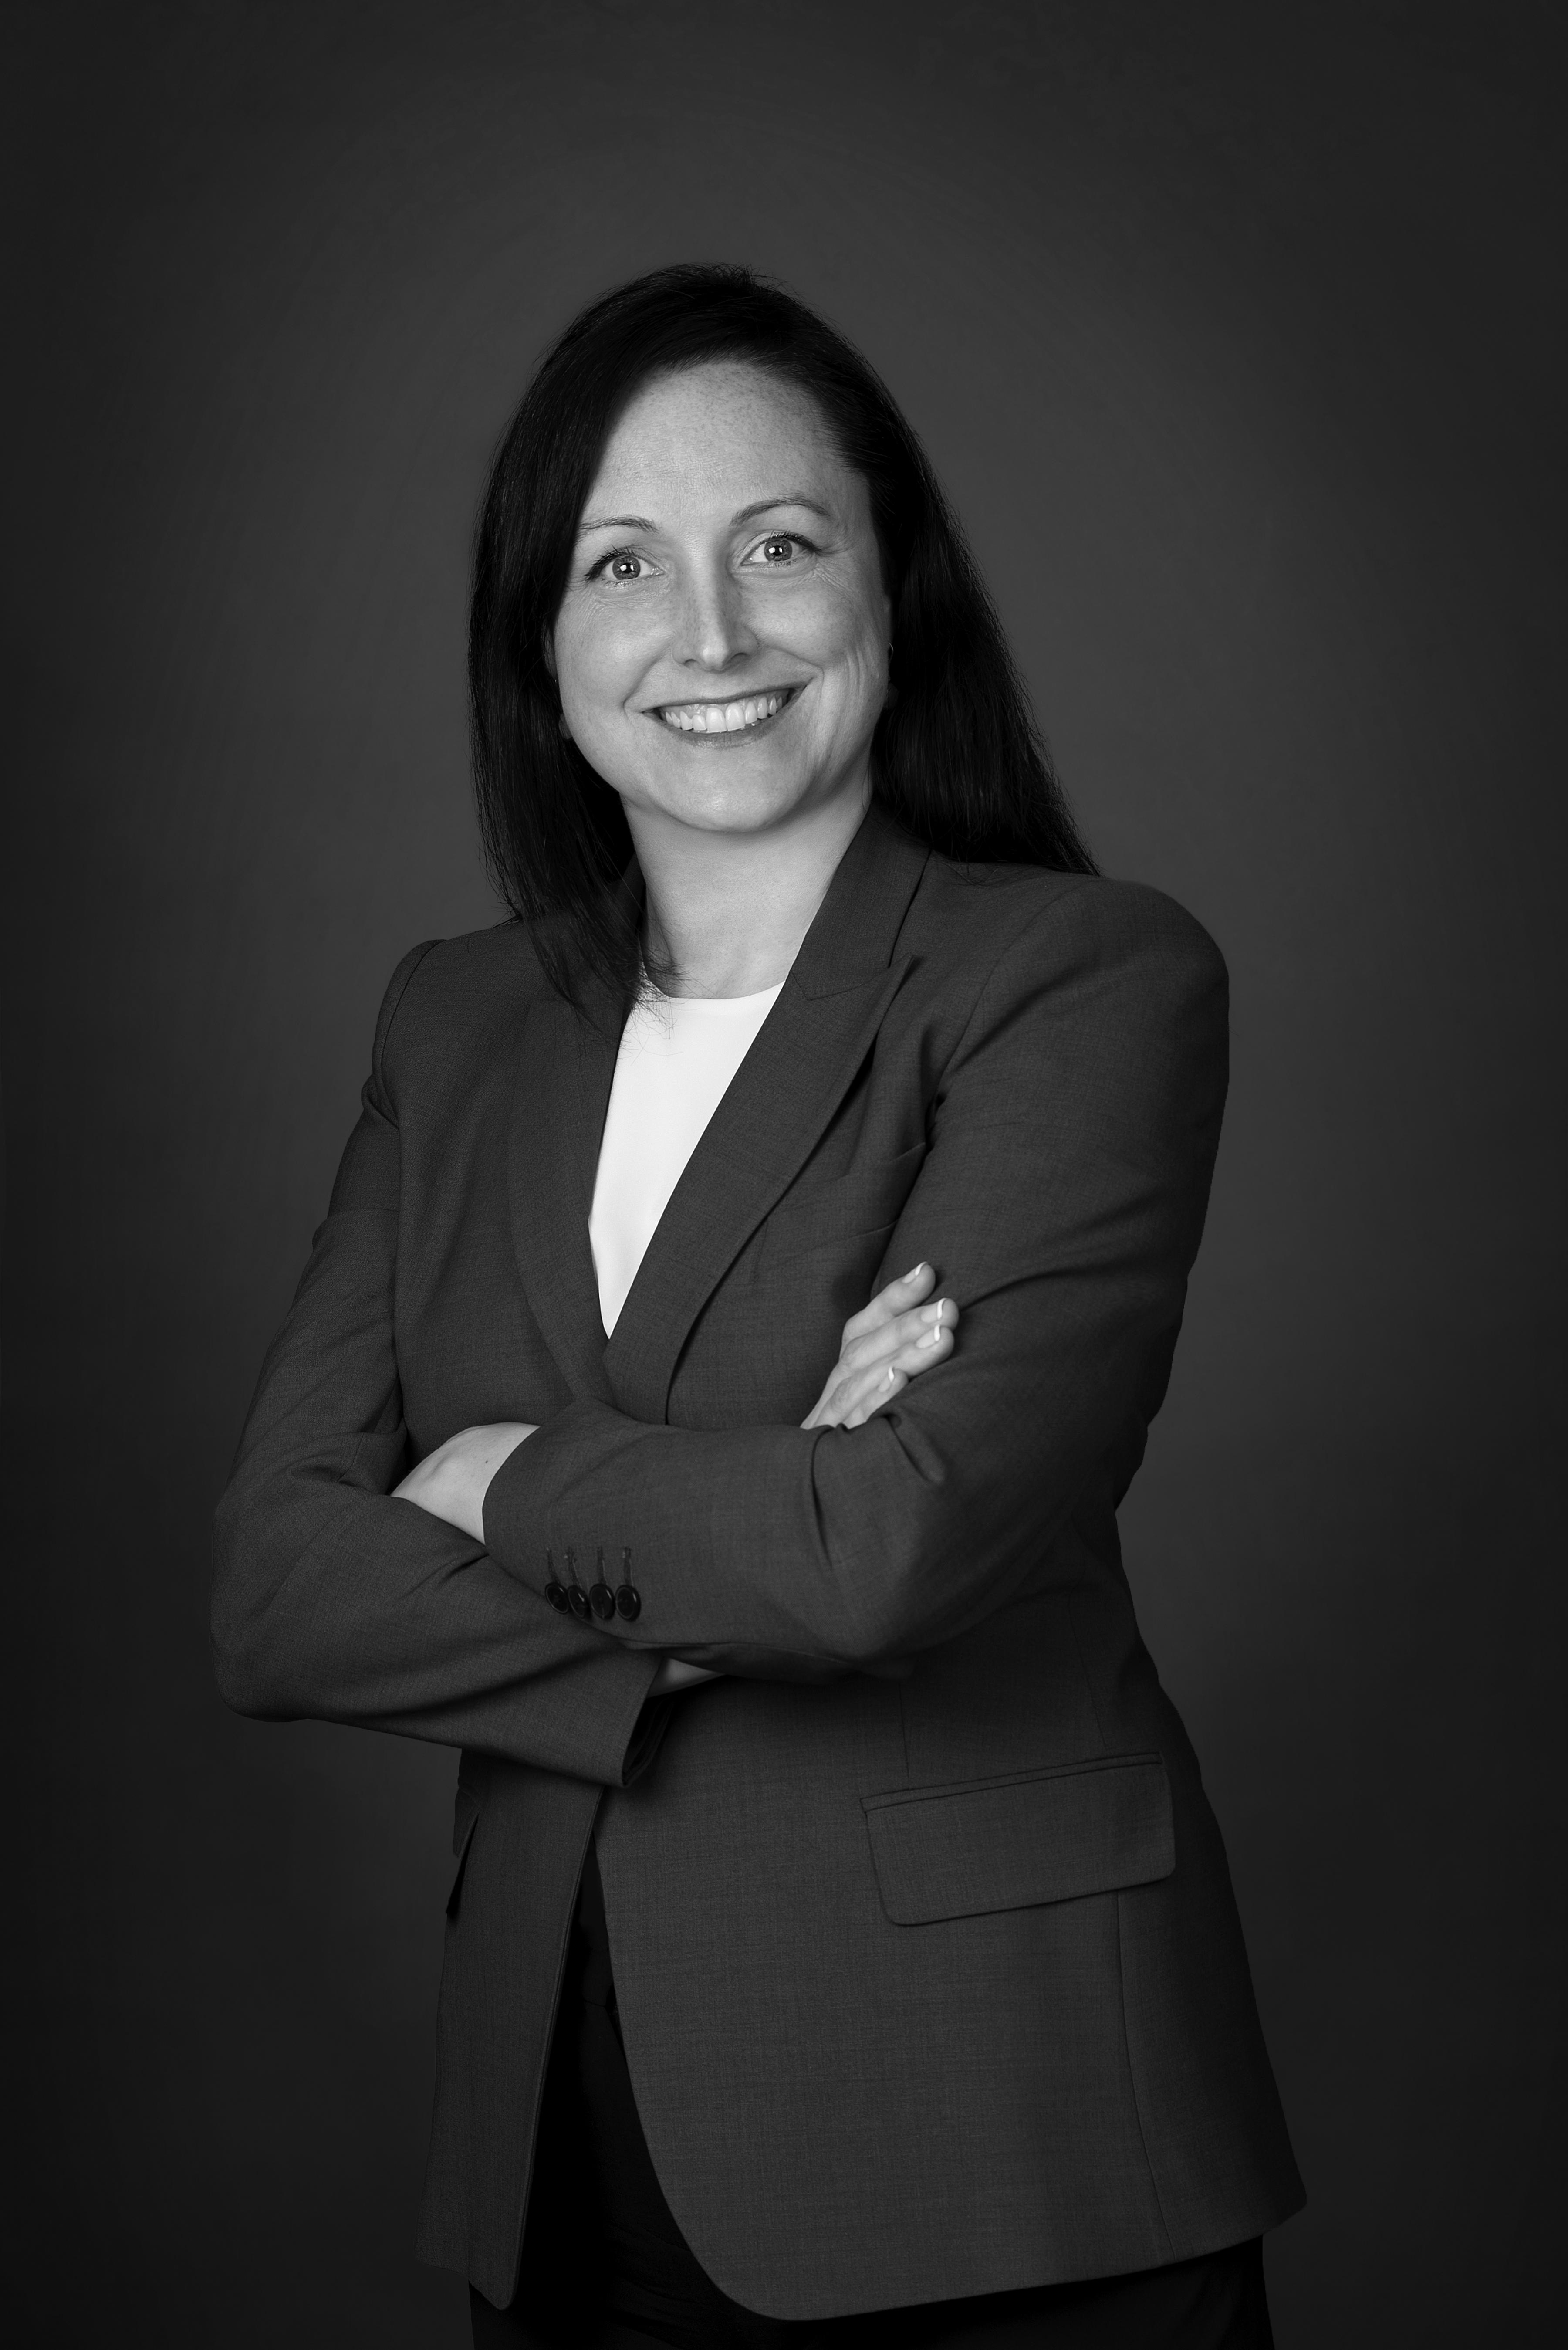 Megan O'Toole, Senior Legal Counsel, Canada